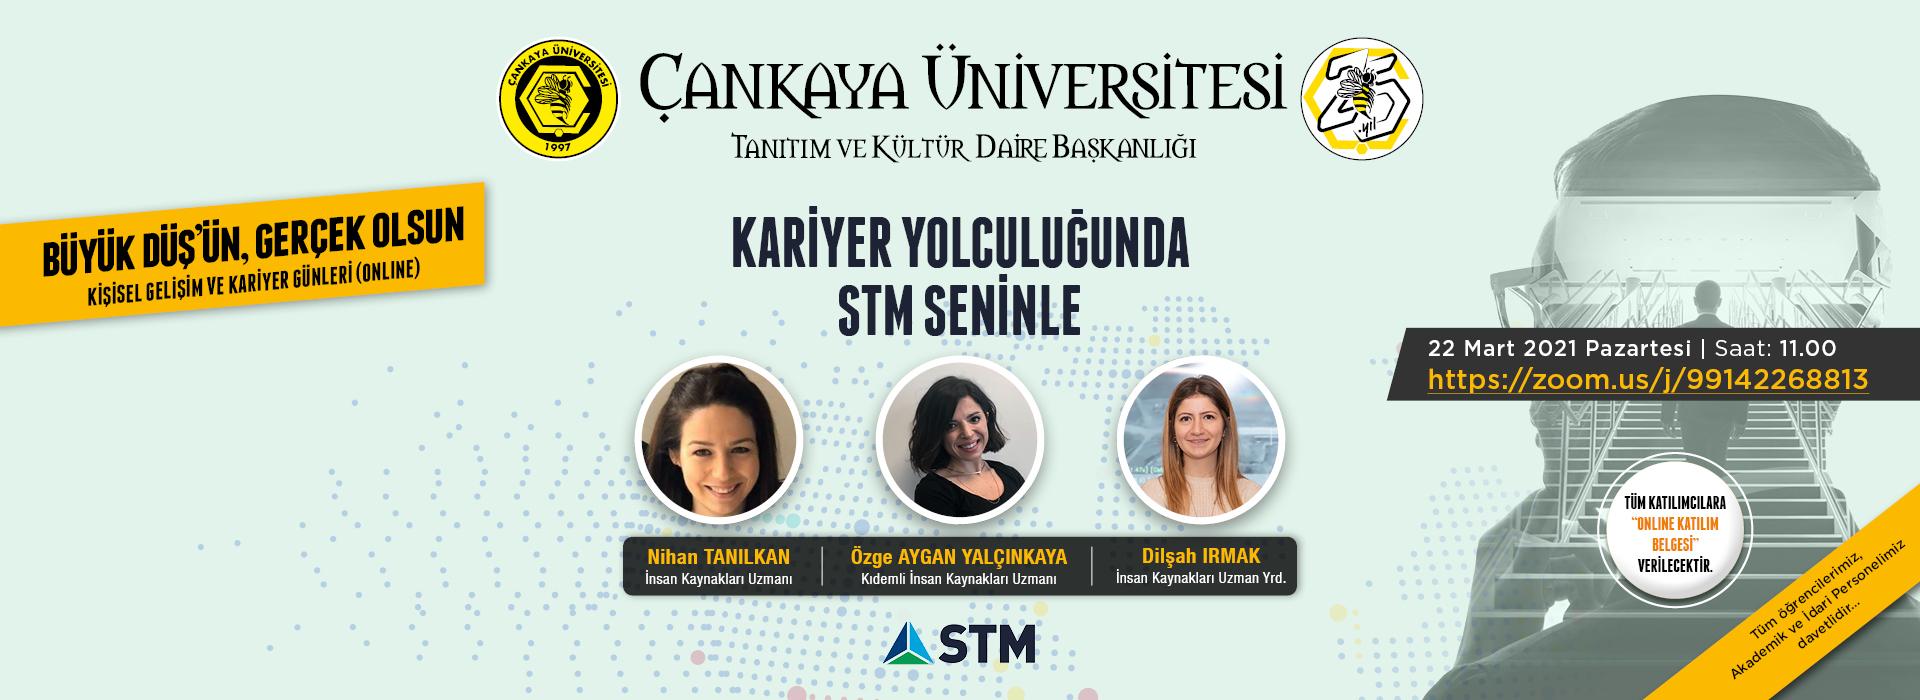 """Kişisel Gelişim ve Kariyer Günleri, """"Kariyer Yolculuğunda STM Seninle"""""""